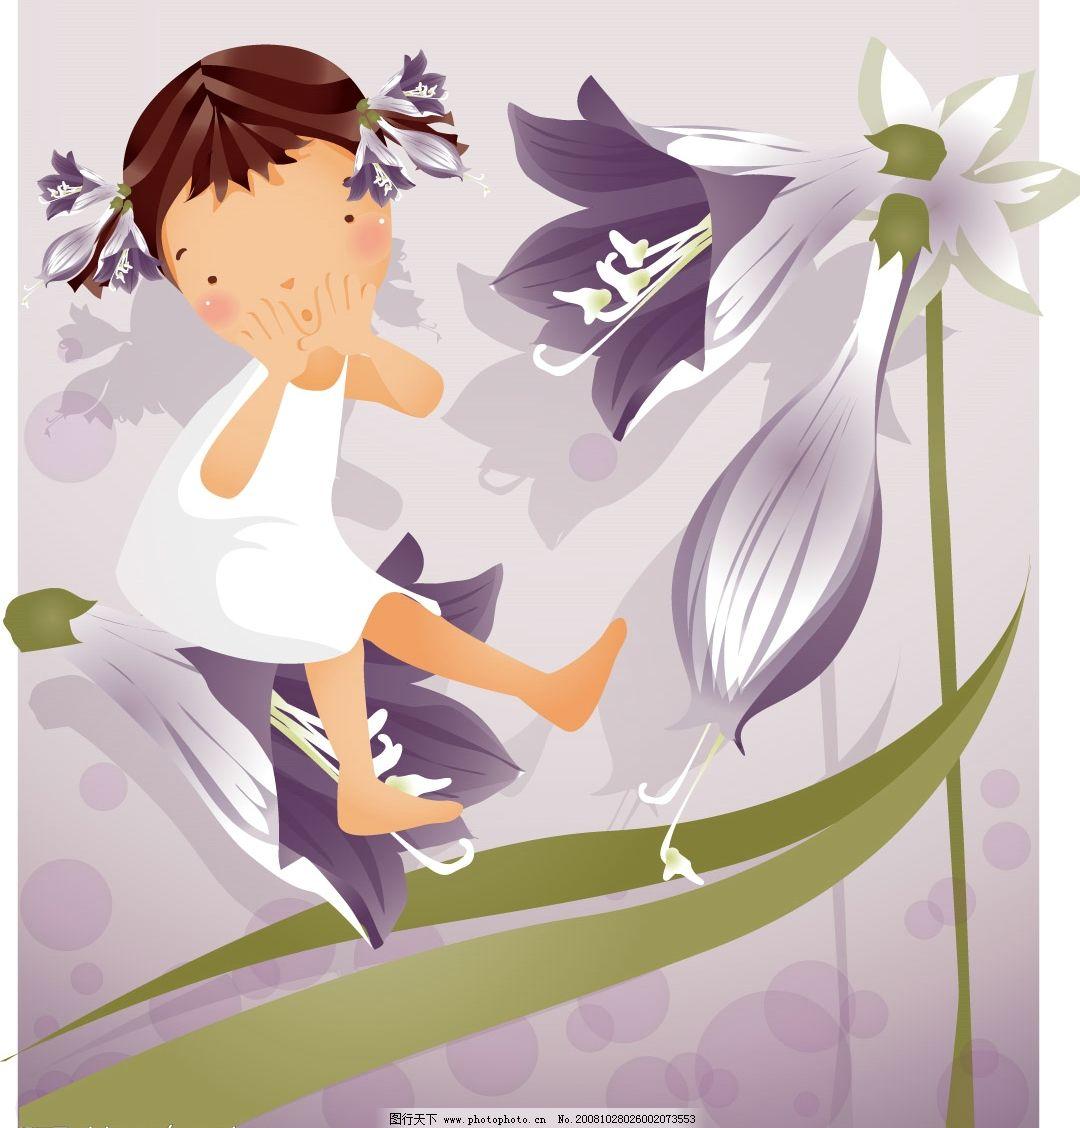 可爱时光 小女孩 卡通 天真 可爱 紫色百合花 叶子 生机活力 活泼 ai